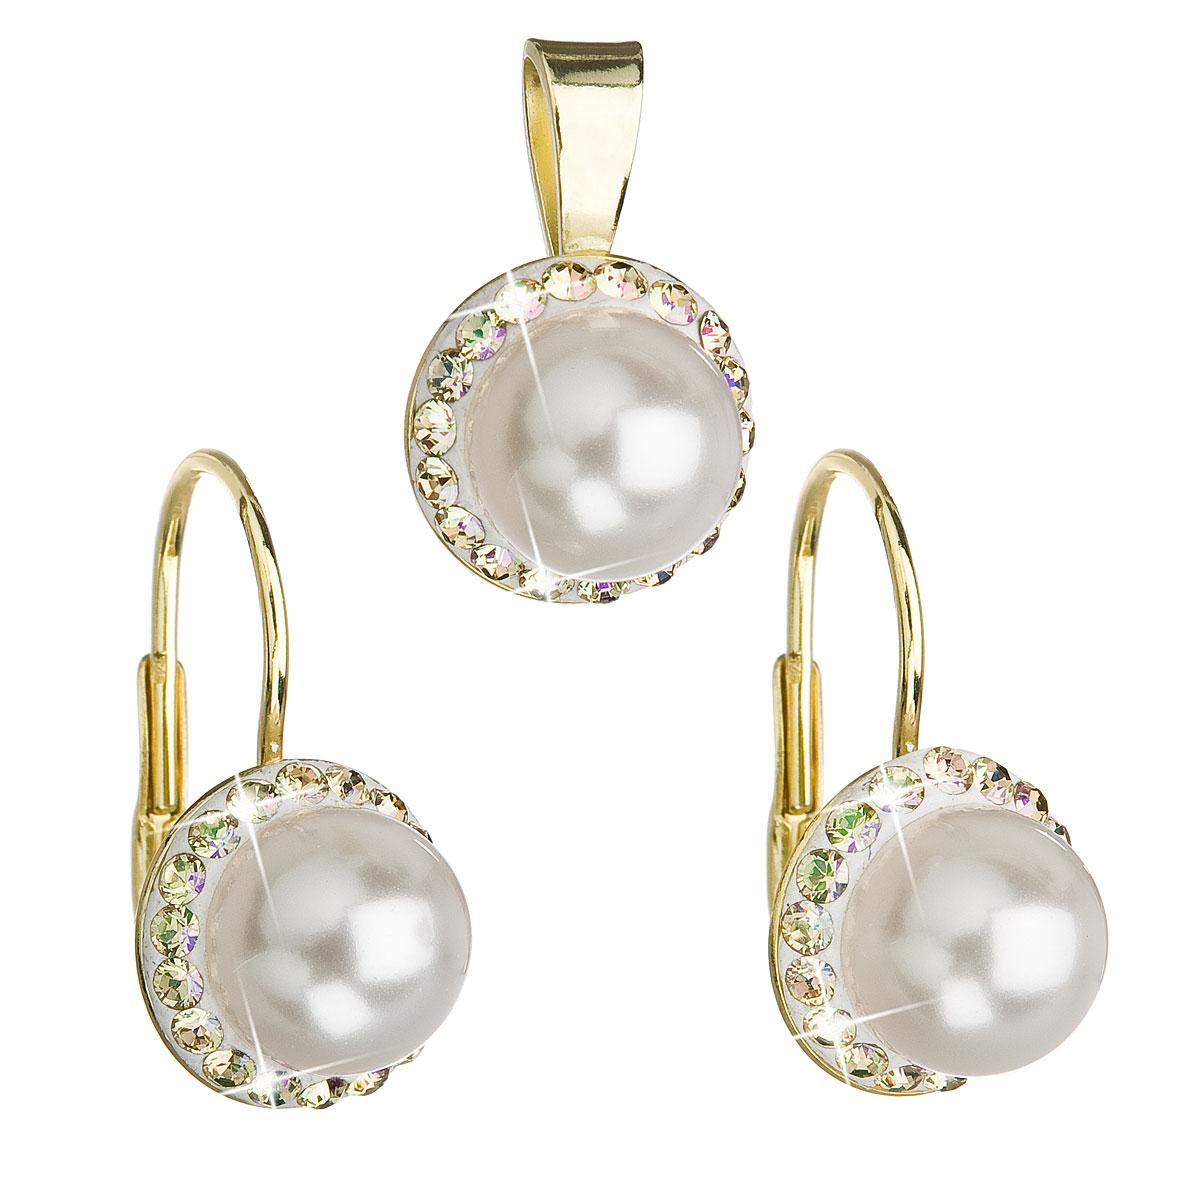 Sada šperkov s krištáľmi Swarovski náušnice a prívesok biela perla okrúhle 39091.6